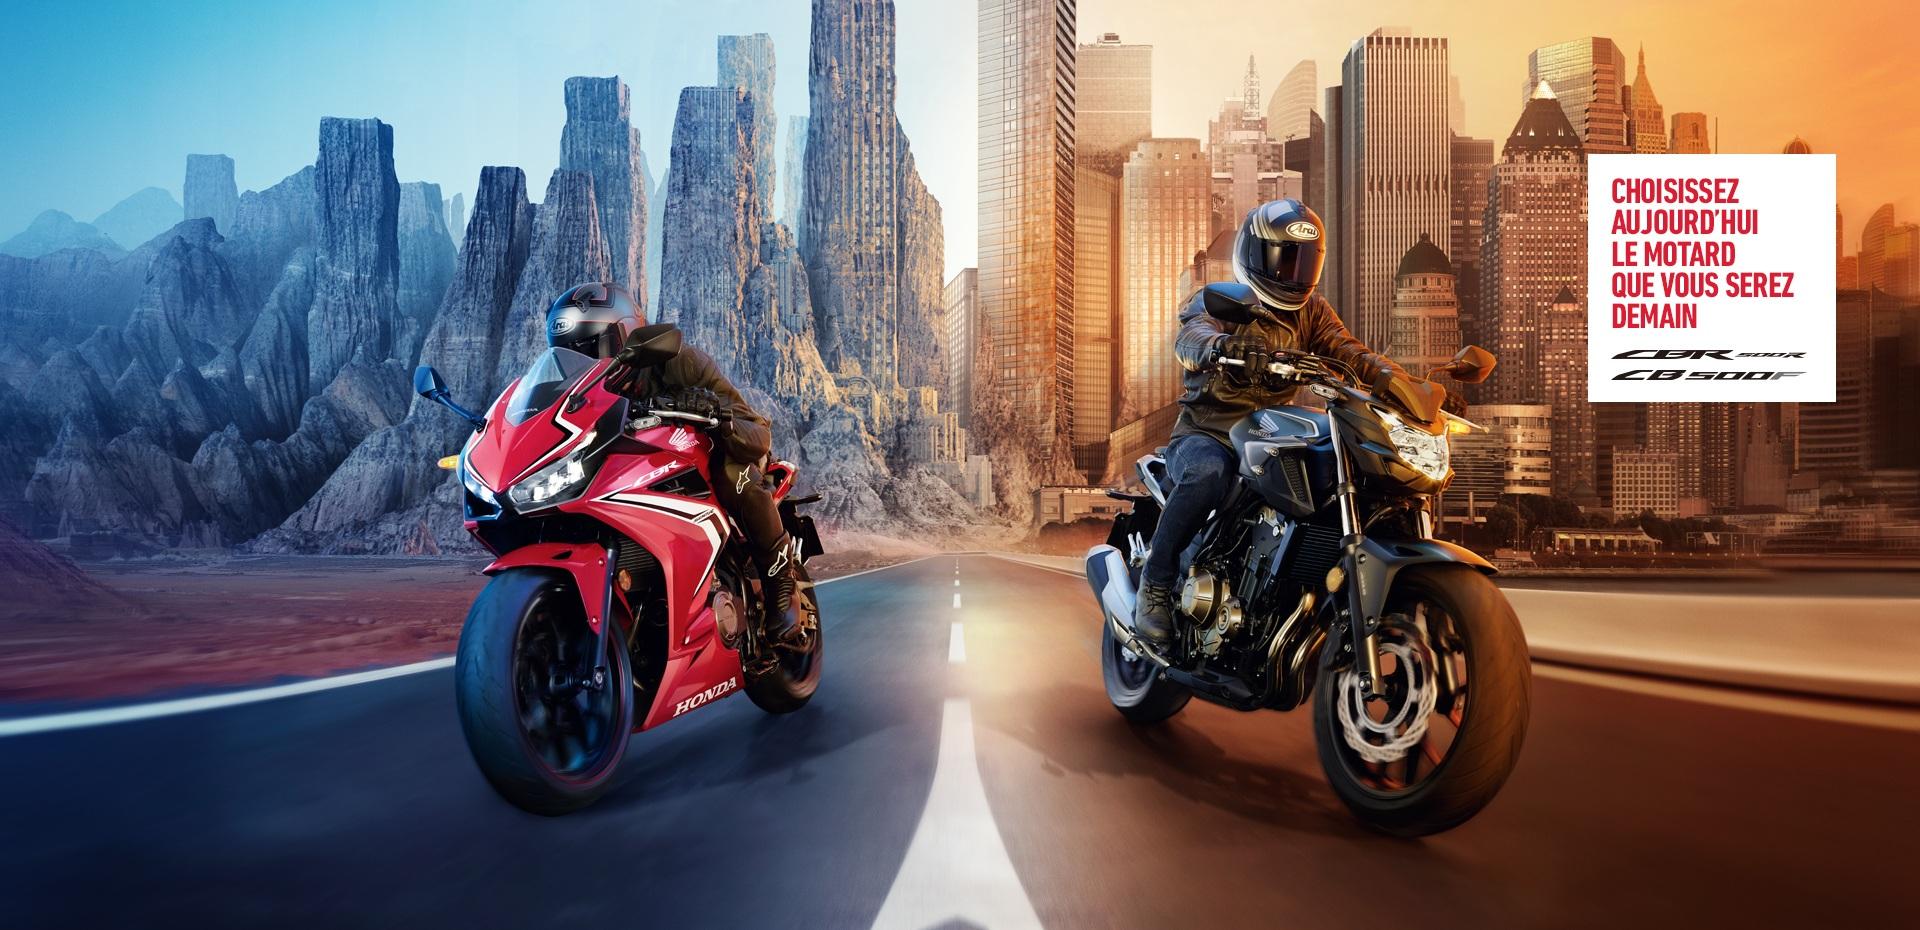 Honda-moto-CB500F-CBR500R-2019